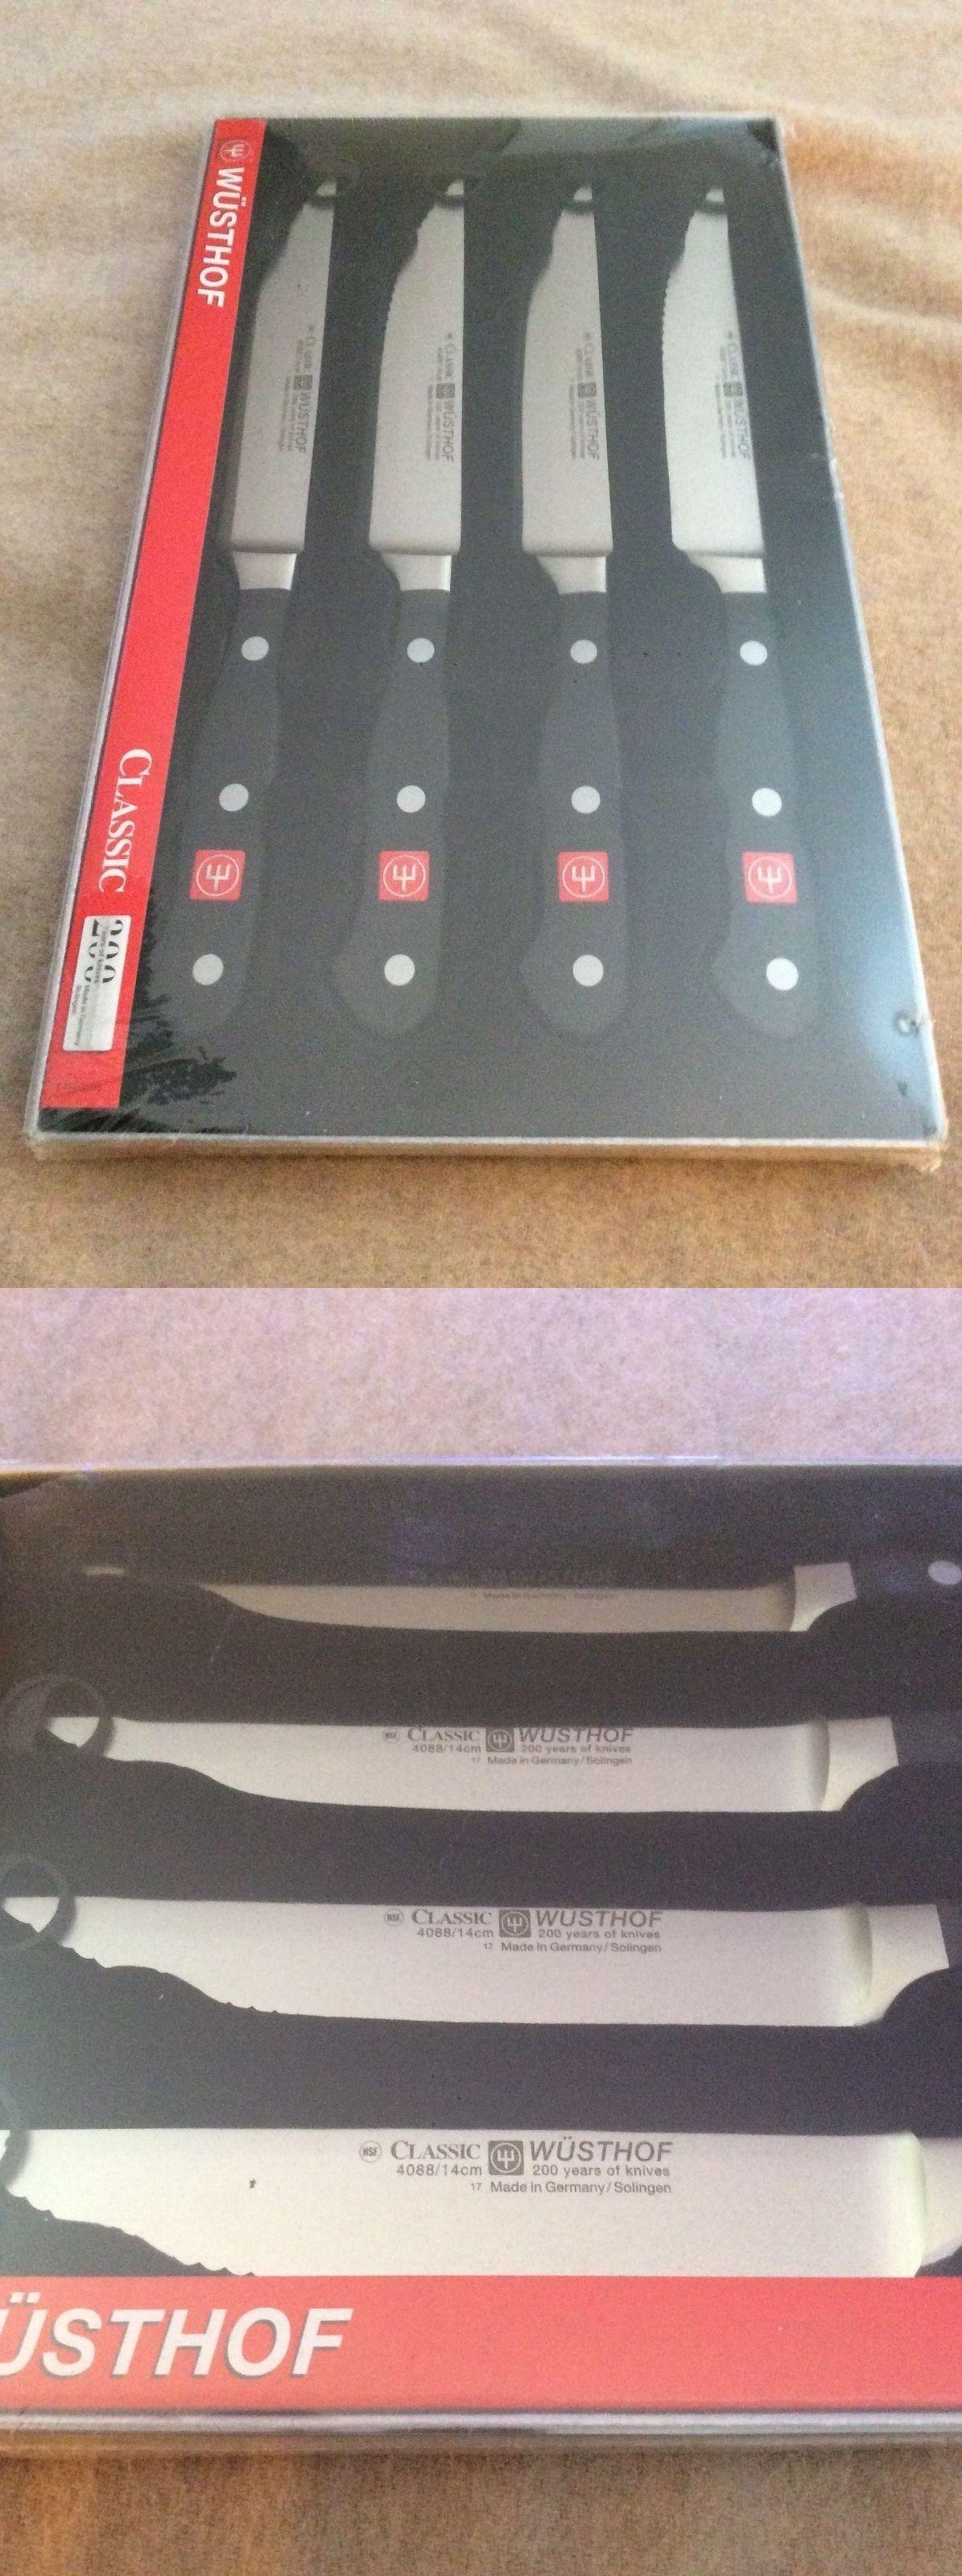 wusthof classic knife set wusthof classic 8piece knife set